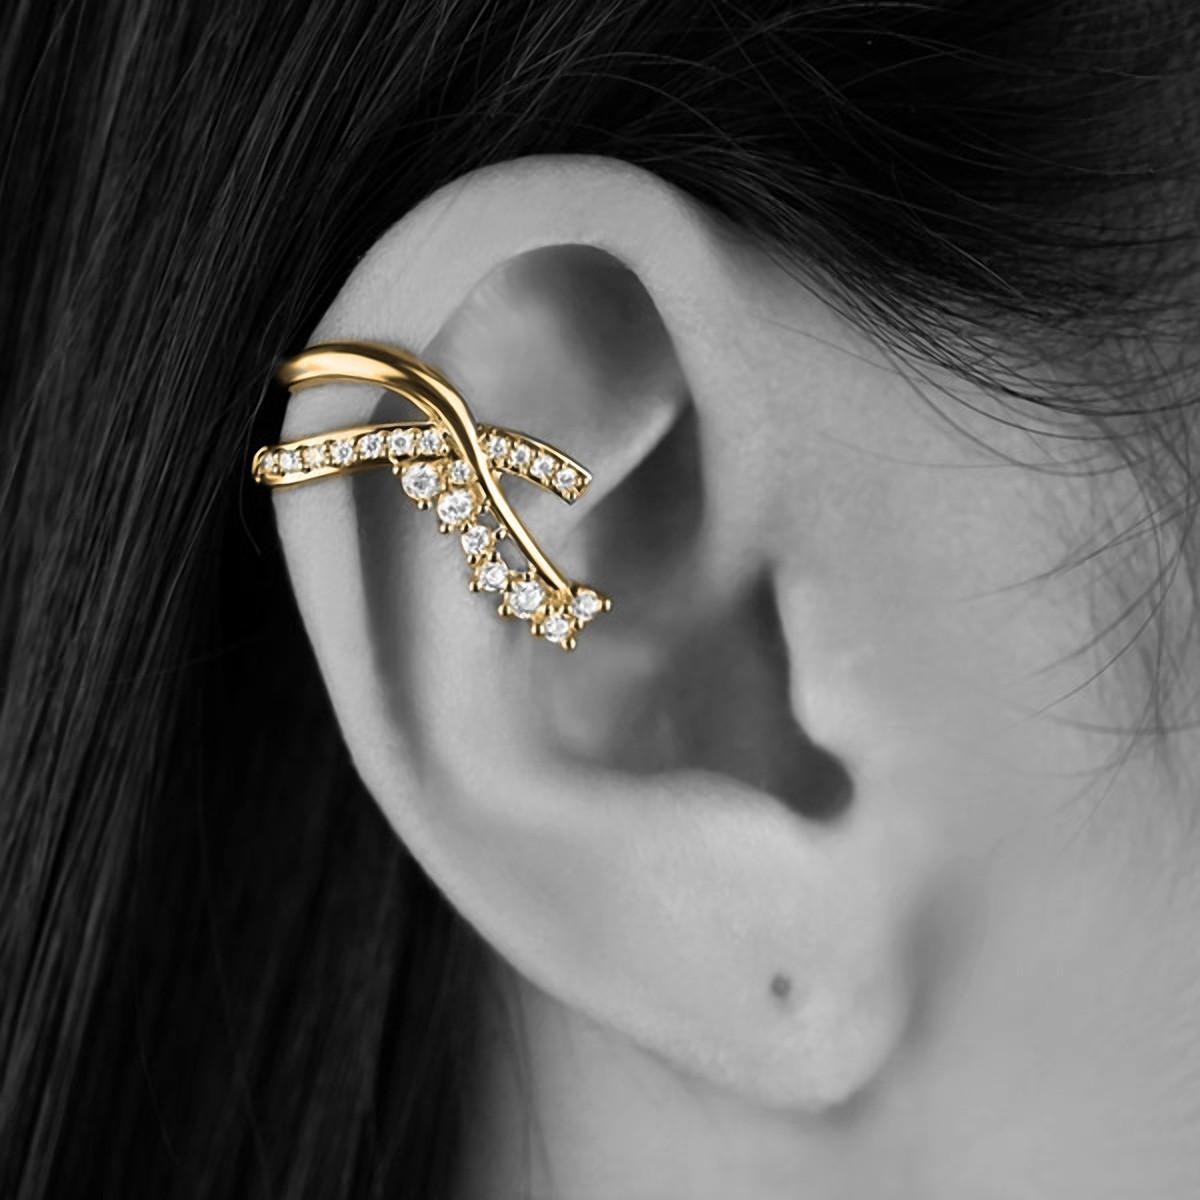 Brinco Piercing Cartilagem Fake Laço Semijoia Ouro 18K com Zircônia Branca  - Soloyou